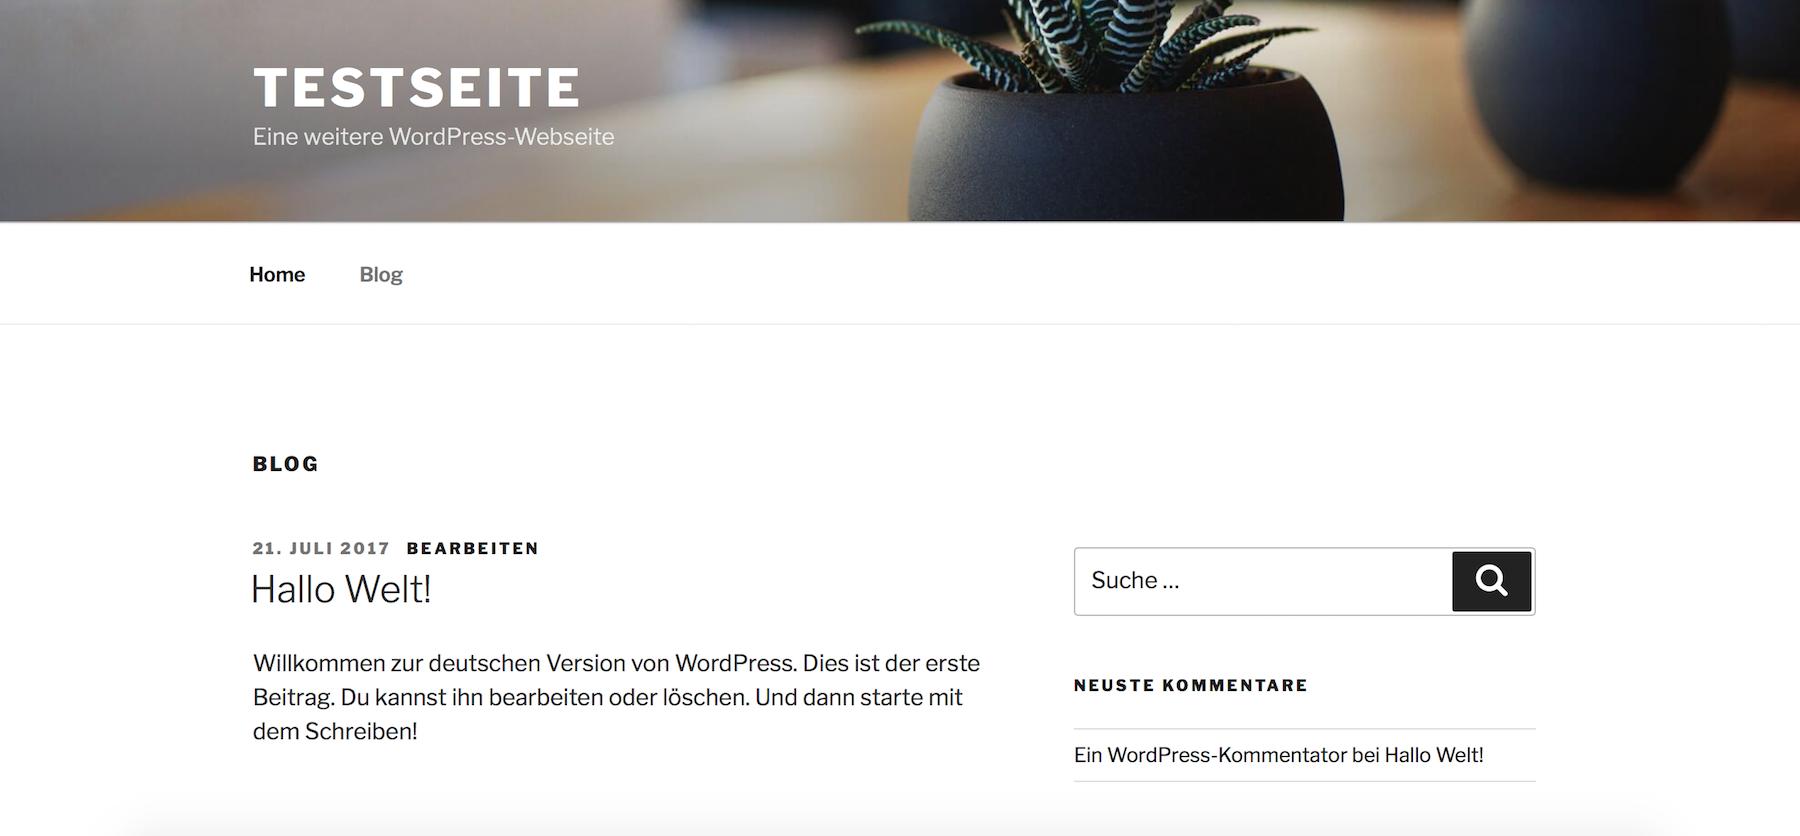 Nach der Neuinstallation einer WordPress-Webseite landen wir auf der Startseite